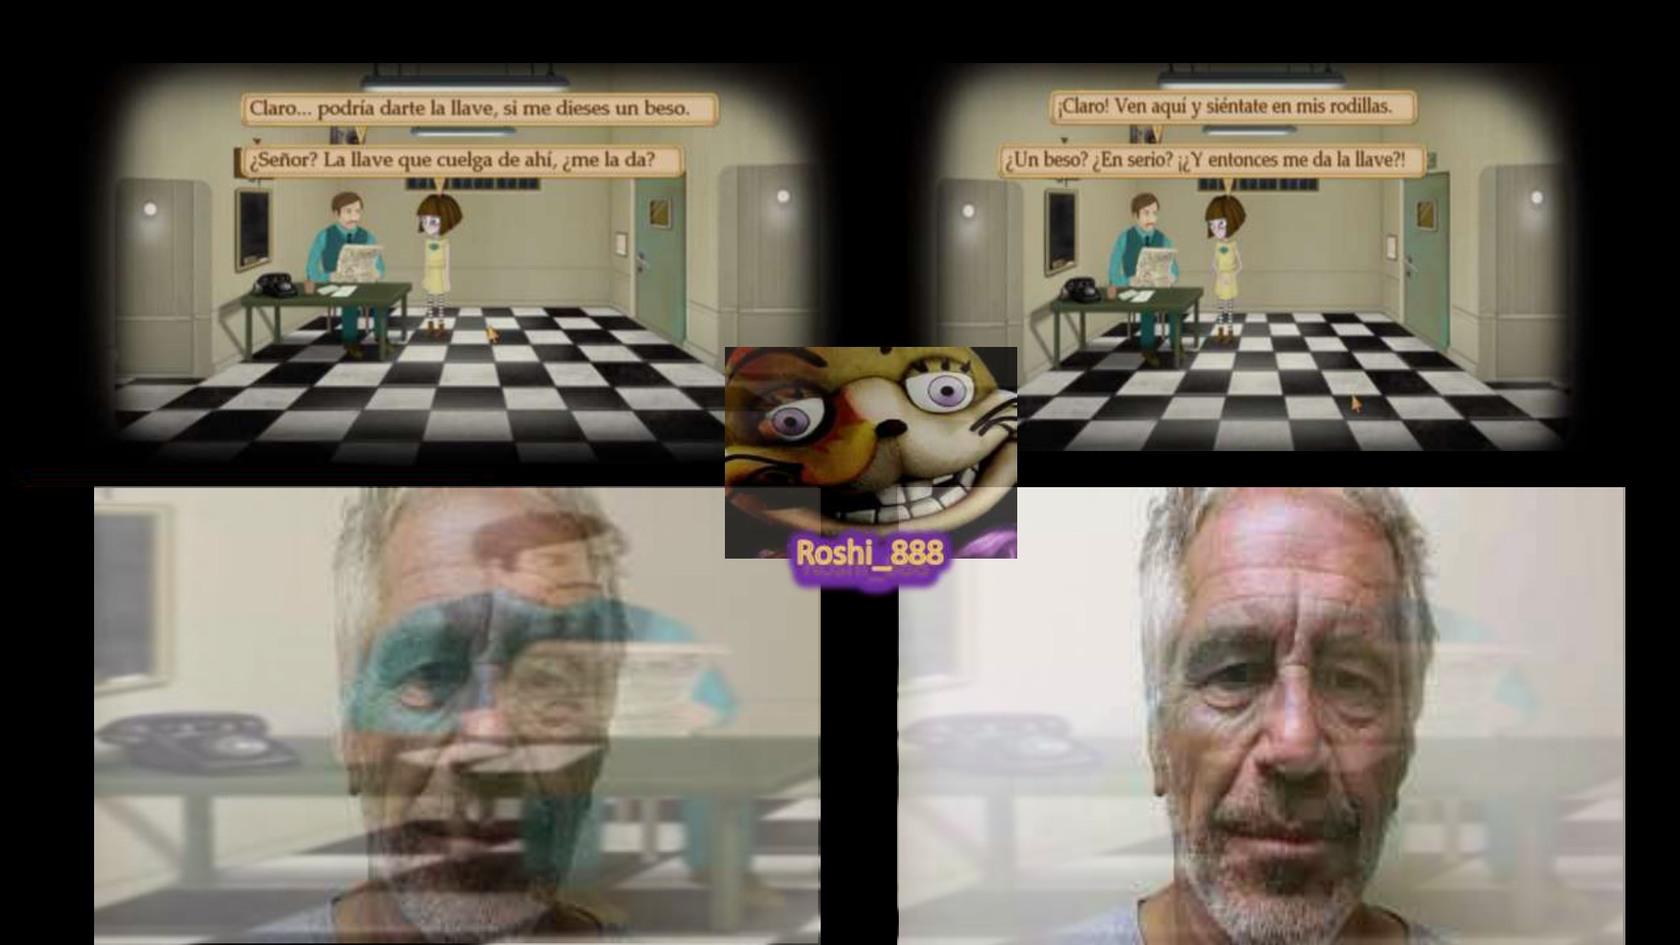 el juego se llama fran bow para quien ocupe el dato - meme